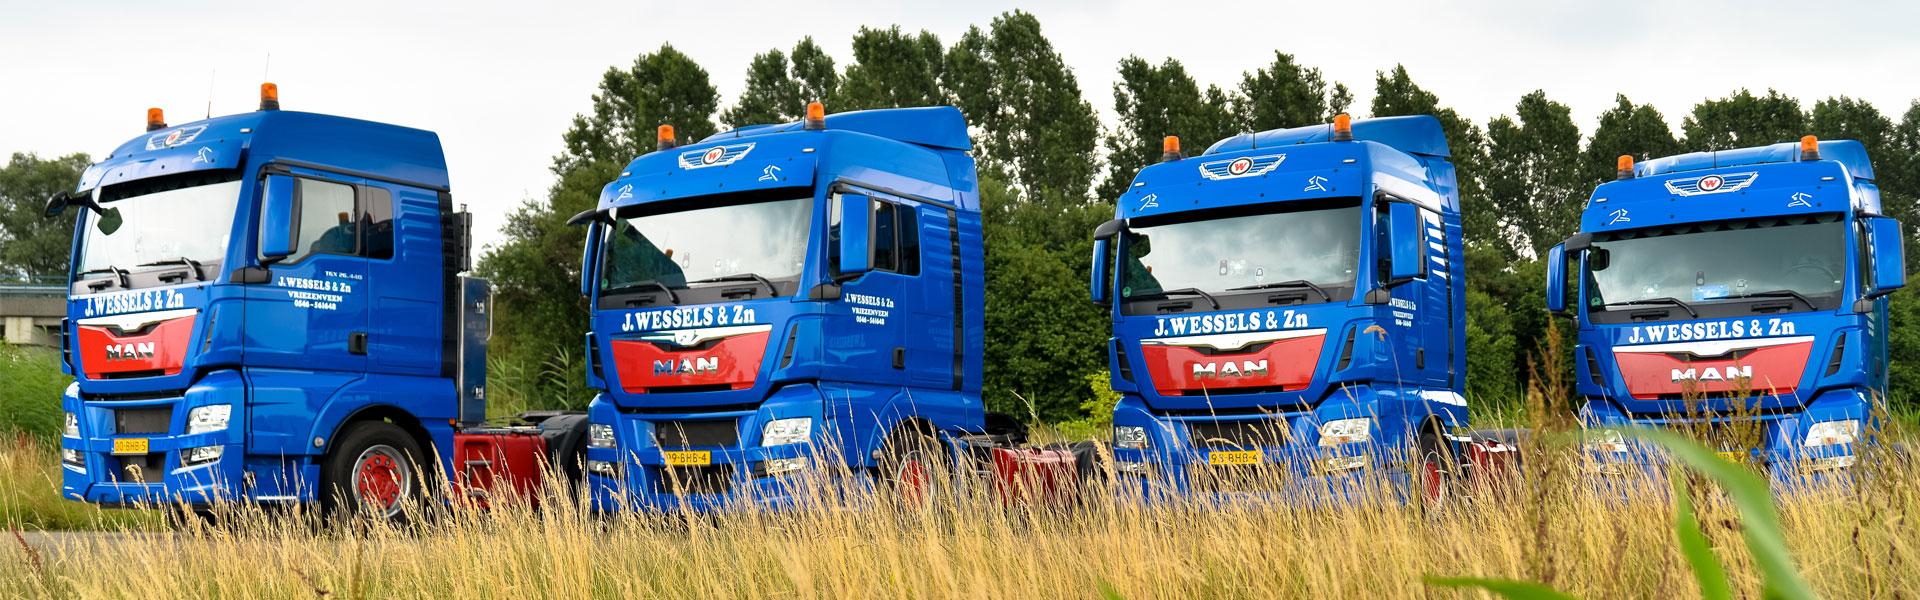 Nationaal en internationaal Transportbedrijf J. Wessels & Zn.